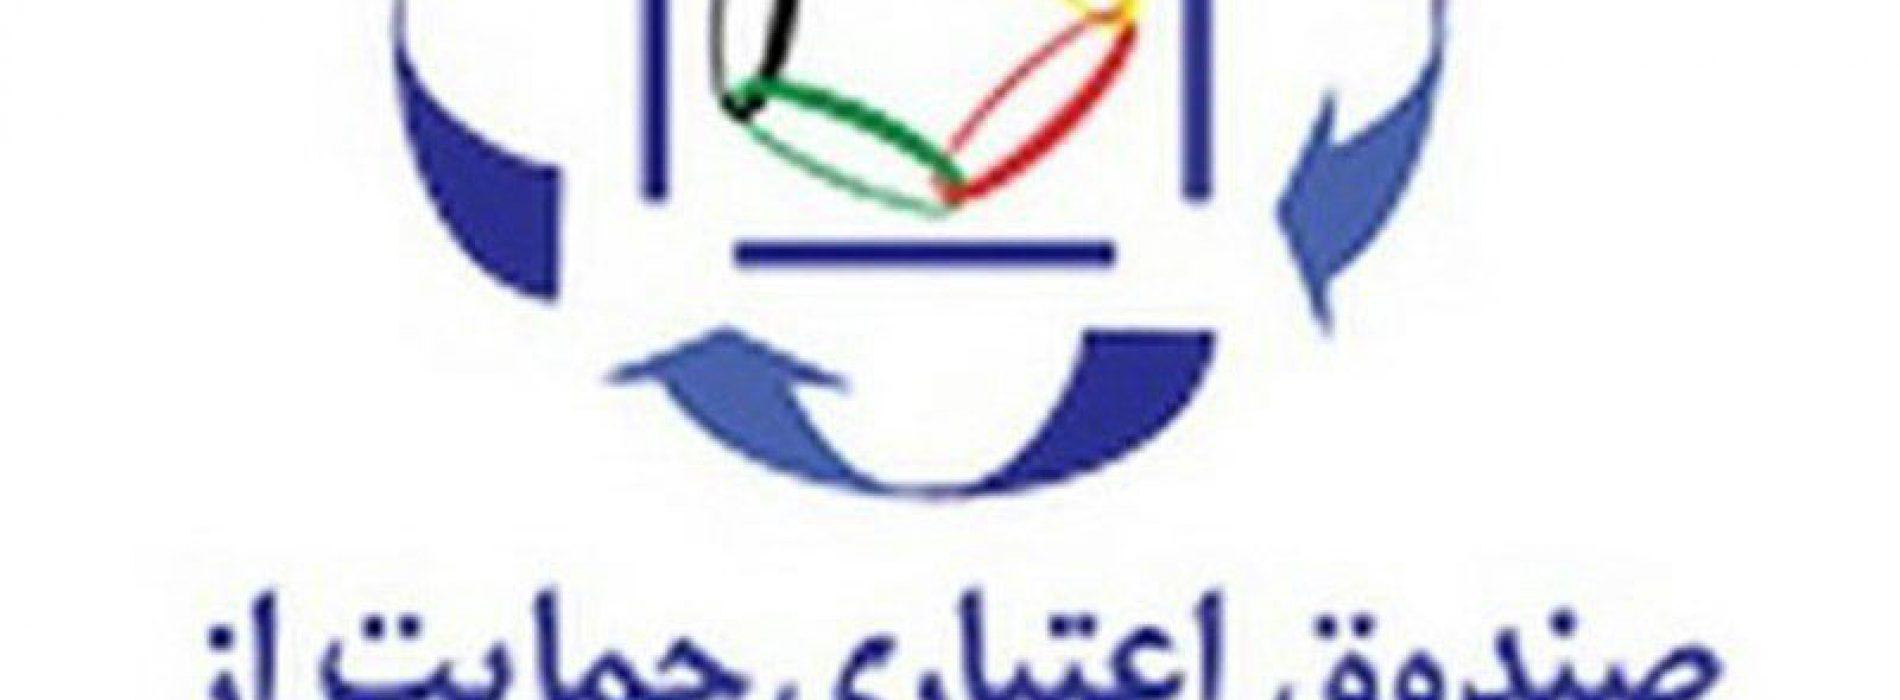 اطلاعیه صندوق حمایت از قهرمانان و پیشکسوتان ورزش کشور/ آغاز ثبت نام بیمه تکمیلی